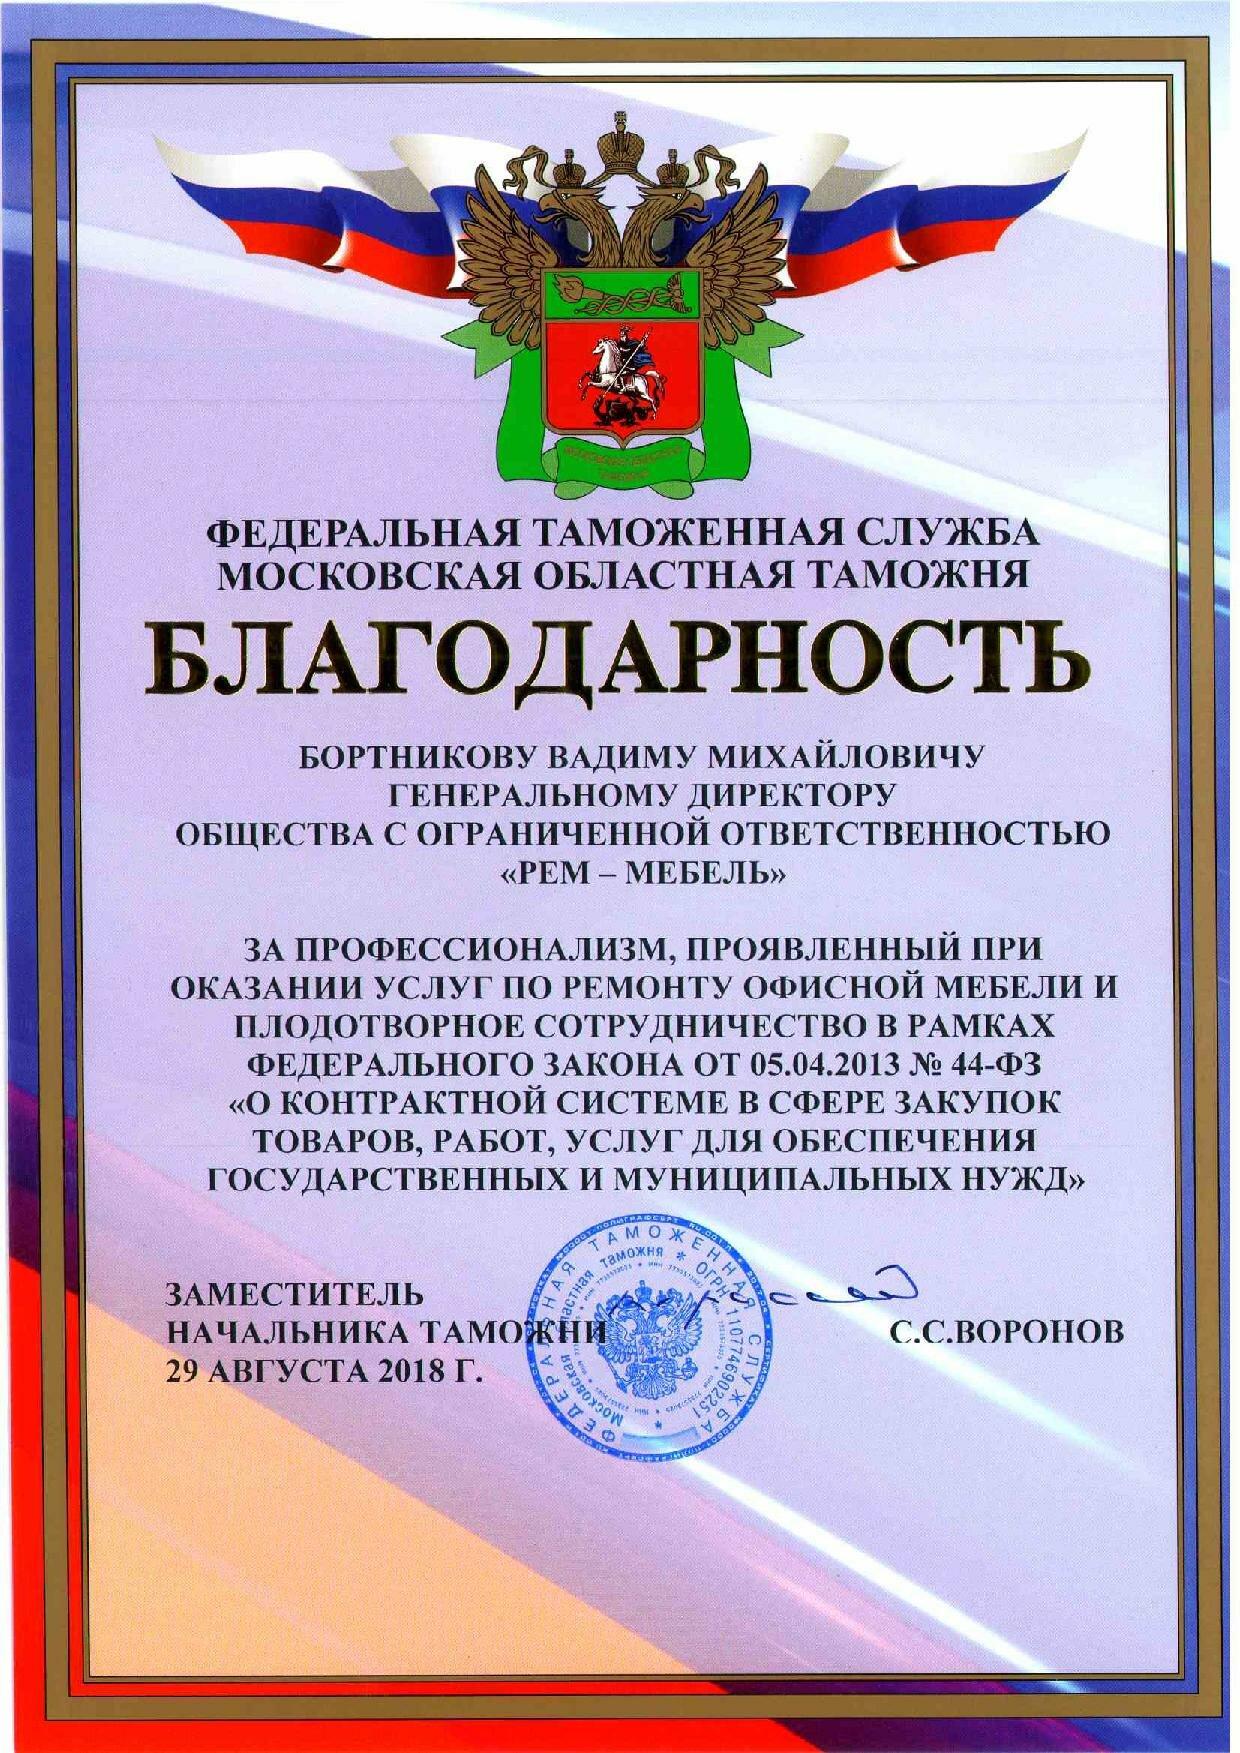 voronov